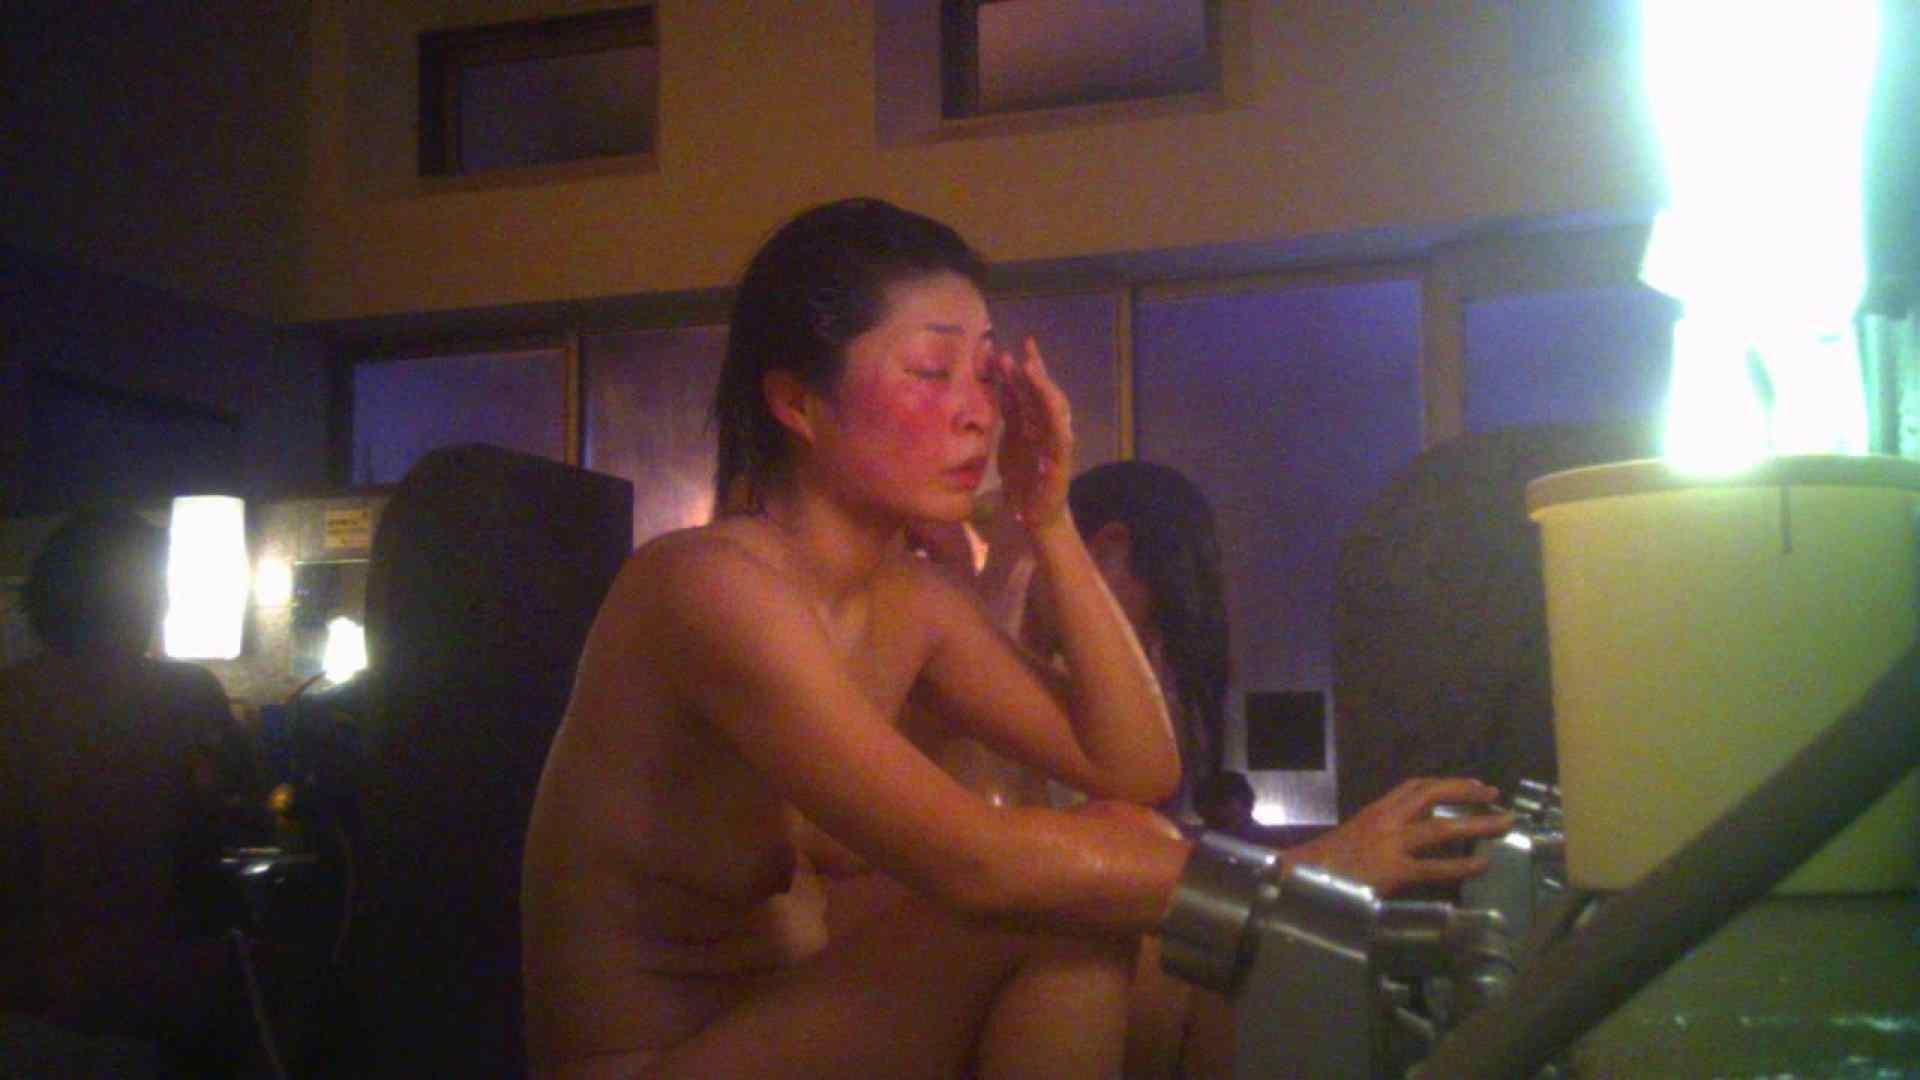 TG.21 【上等兵】井戸端会議が大好きな奥さん 女風呂  92連発 72